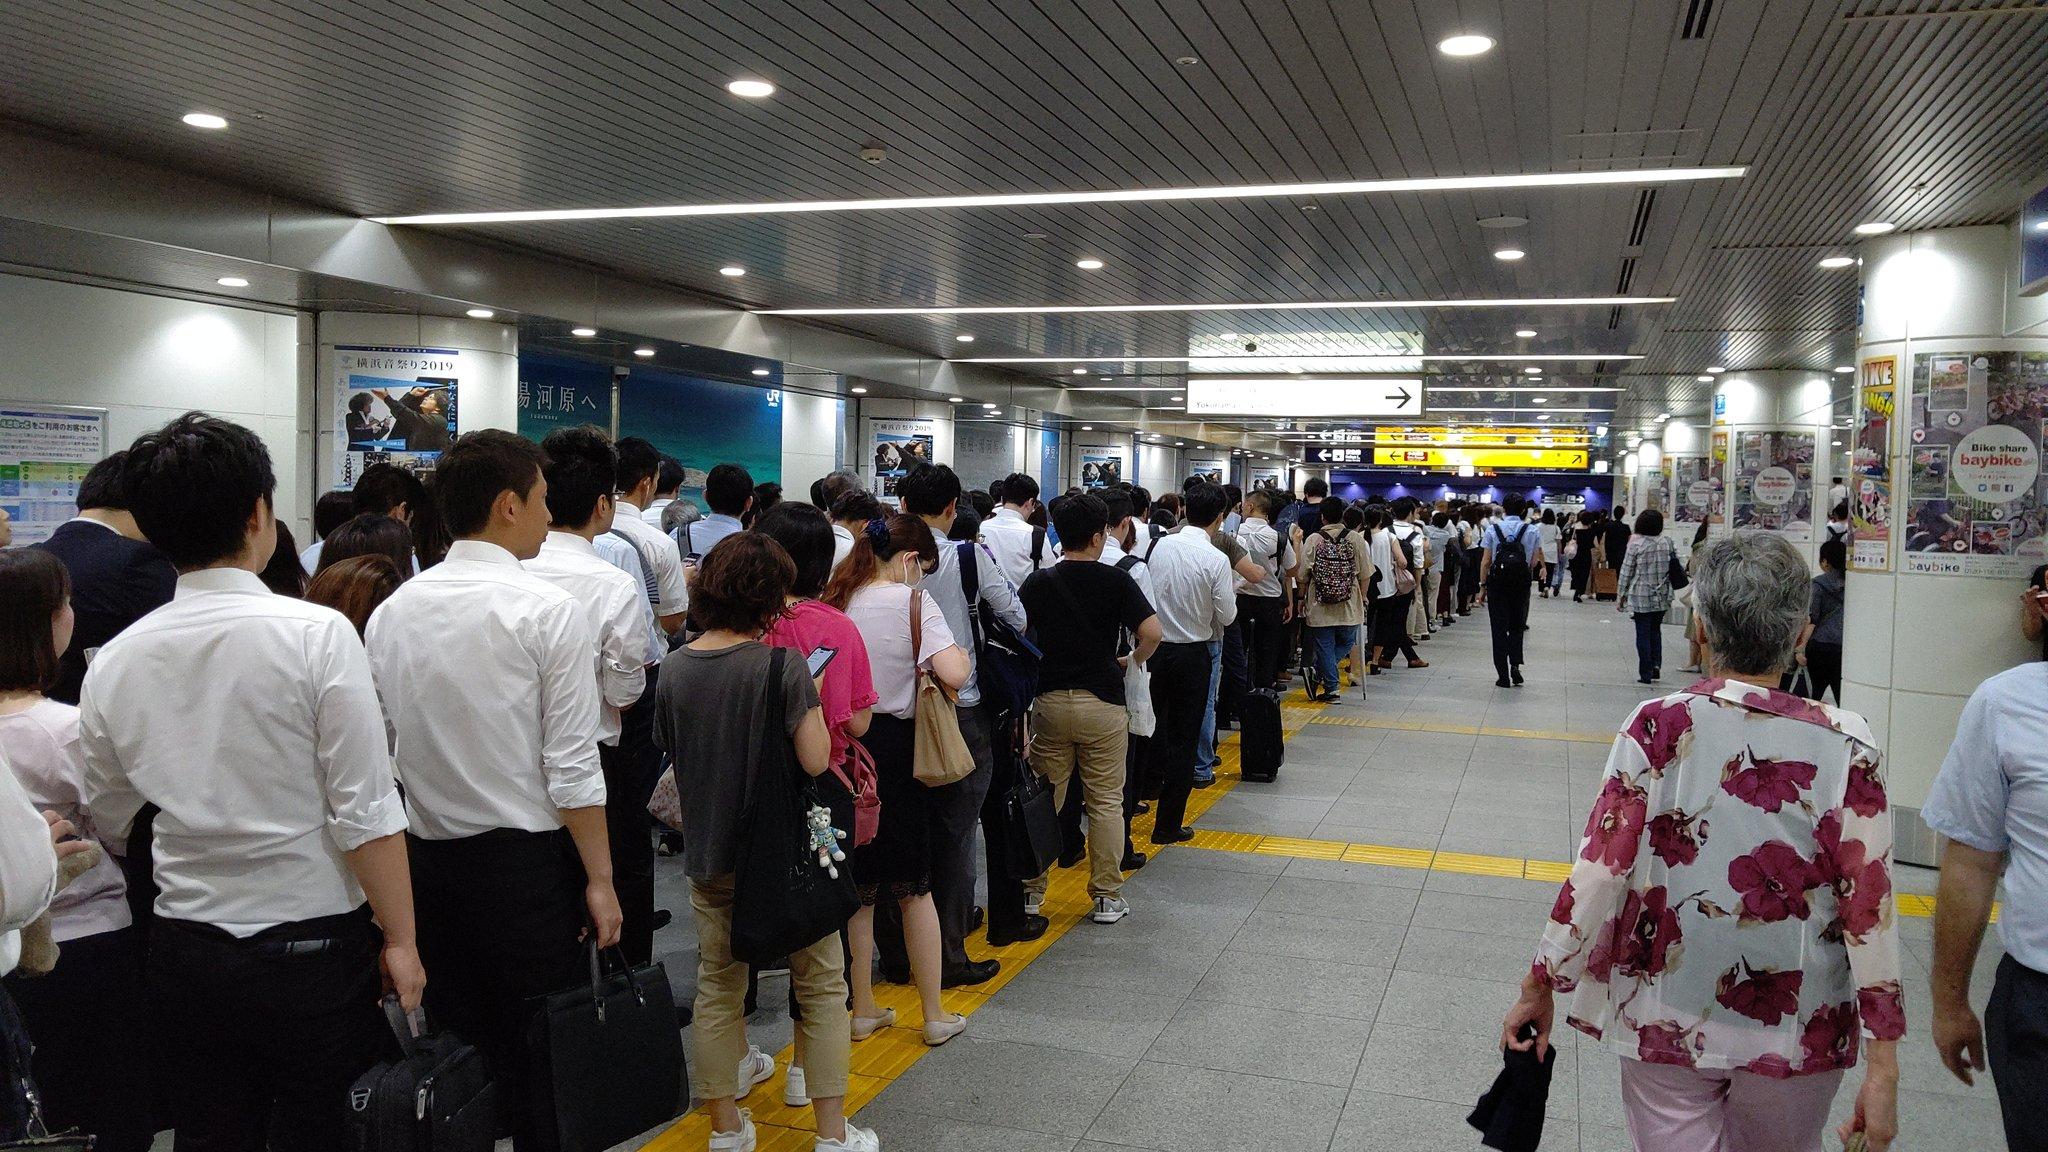 画像,京急横浜駅の改札通過待ち行列。JRも復旧は十時過ぎるとのこと。相鉄線は11時過ぎ。横浜駅から川崎市内や都心に向かうなら、東横線が比較的マシです。 https:/…